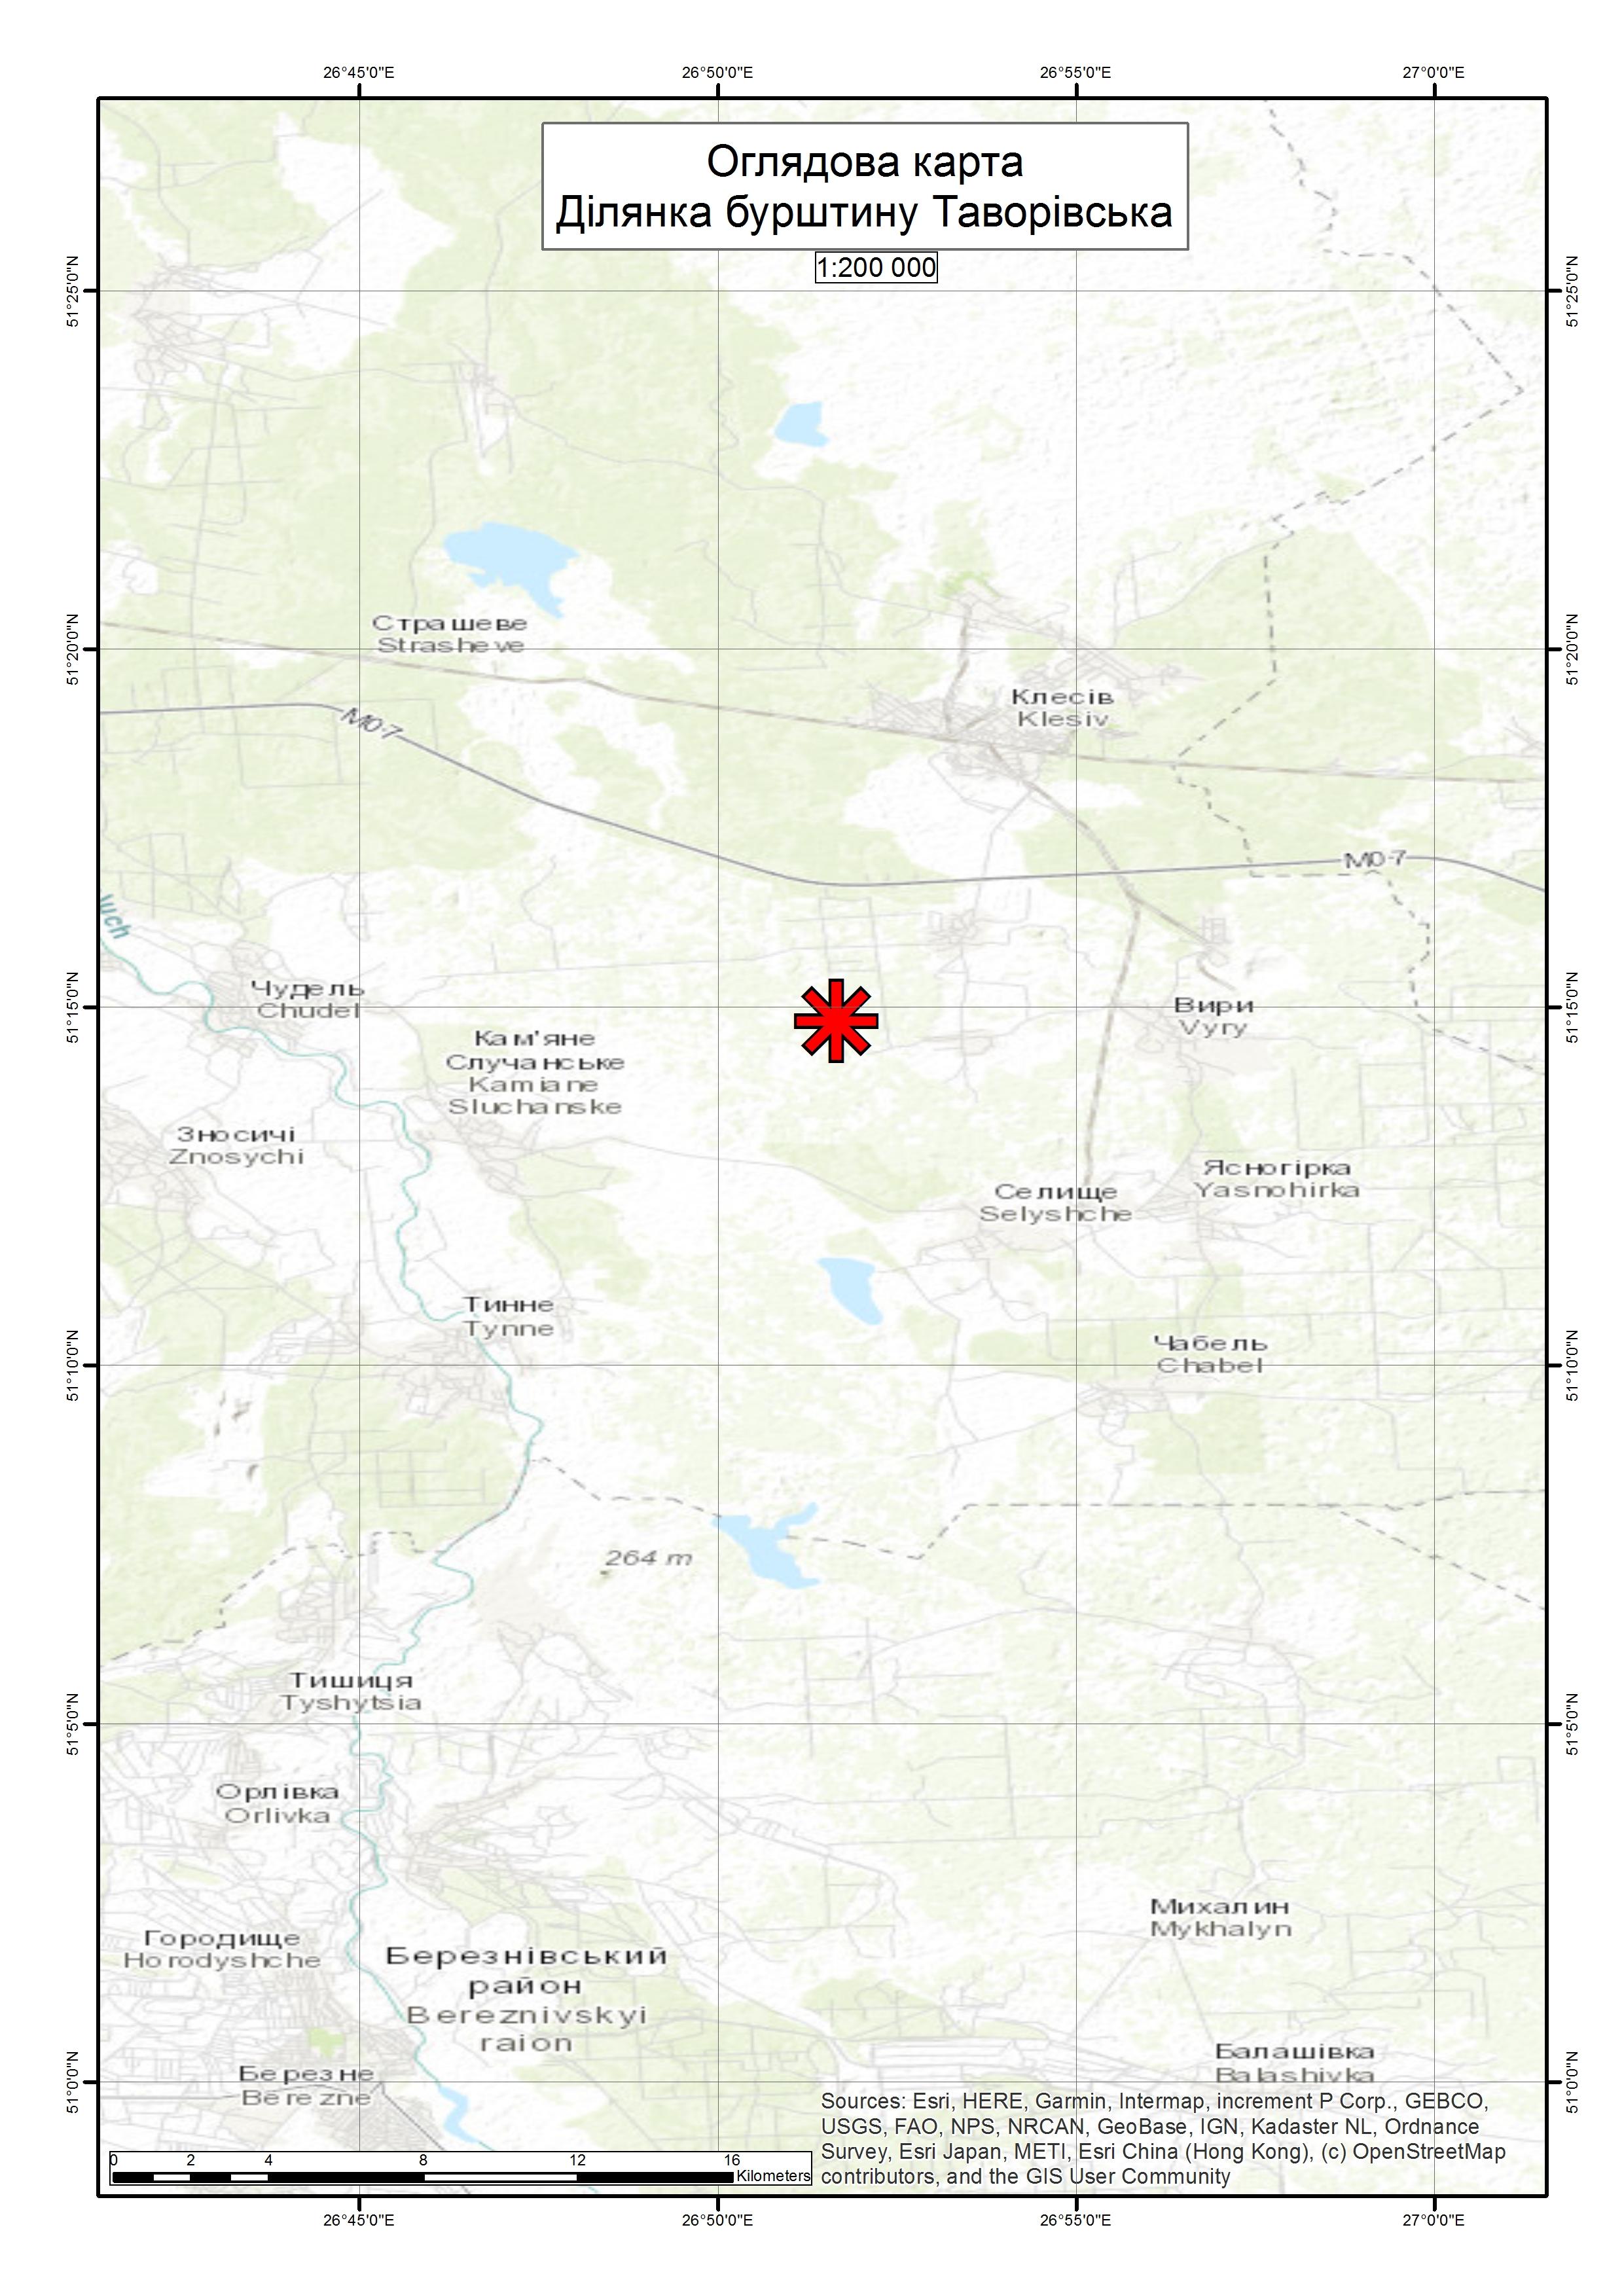 Спеціальний дозвіл на користування надрами – Ділянка Таворівська. Вартість геологічної інформації – 97 931,74 грн (з ПДВ). Вартість пакету аукціонної документації – 10 448,88 грн (з ПДВ).